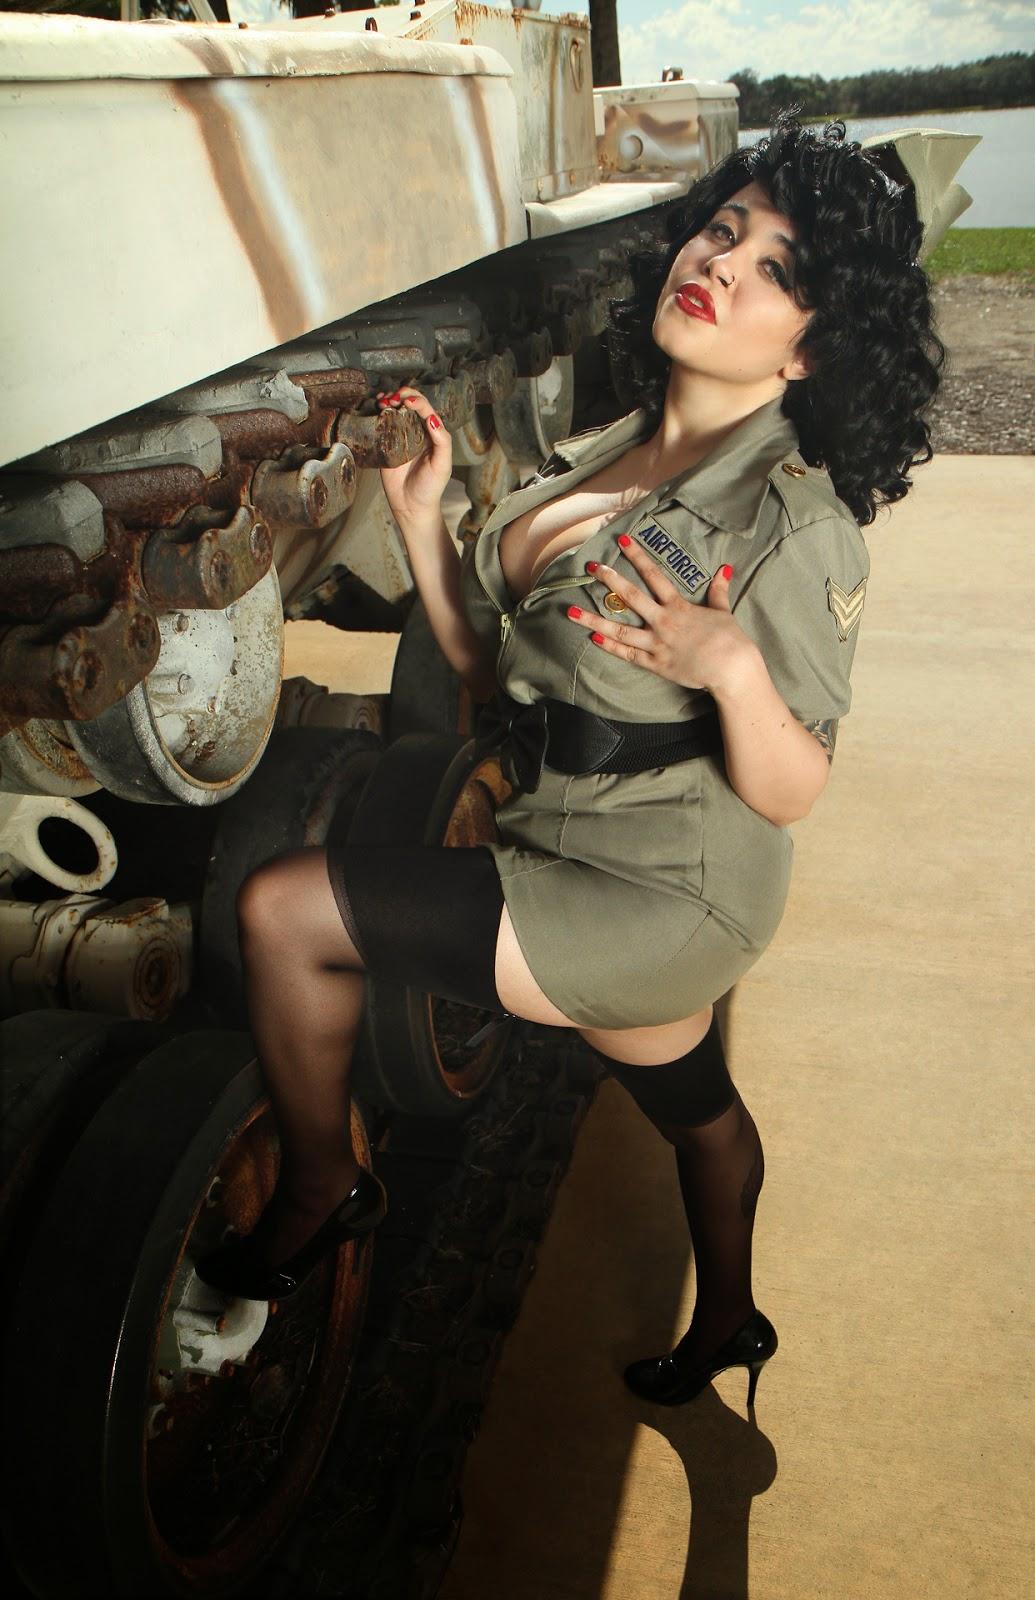 photo d'Envyus Deviant en aviatrice sexy en talons et bas